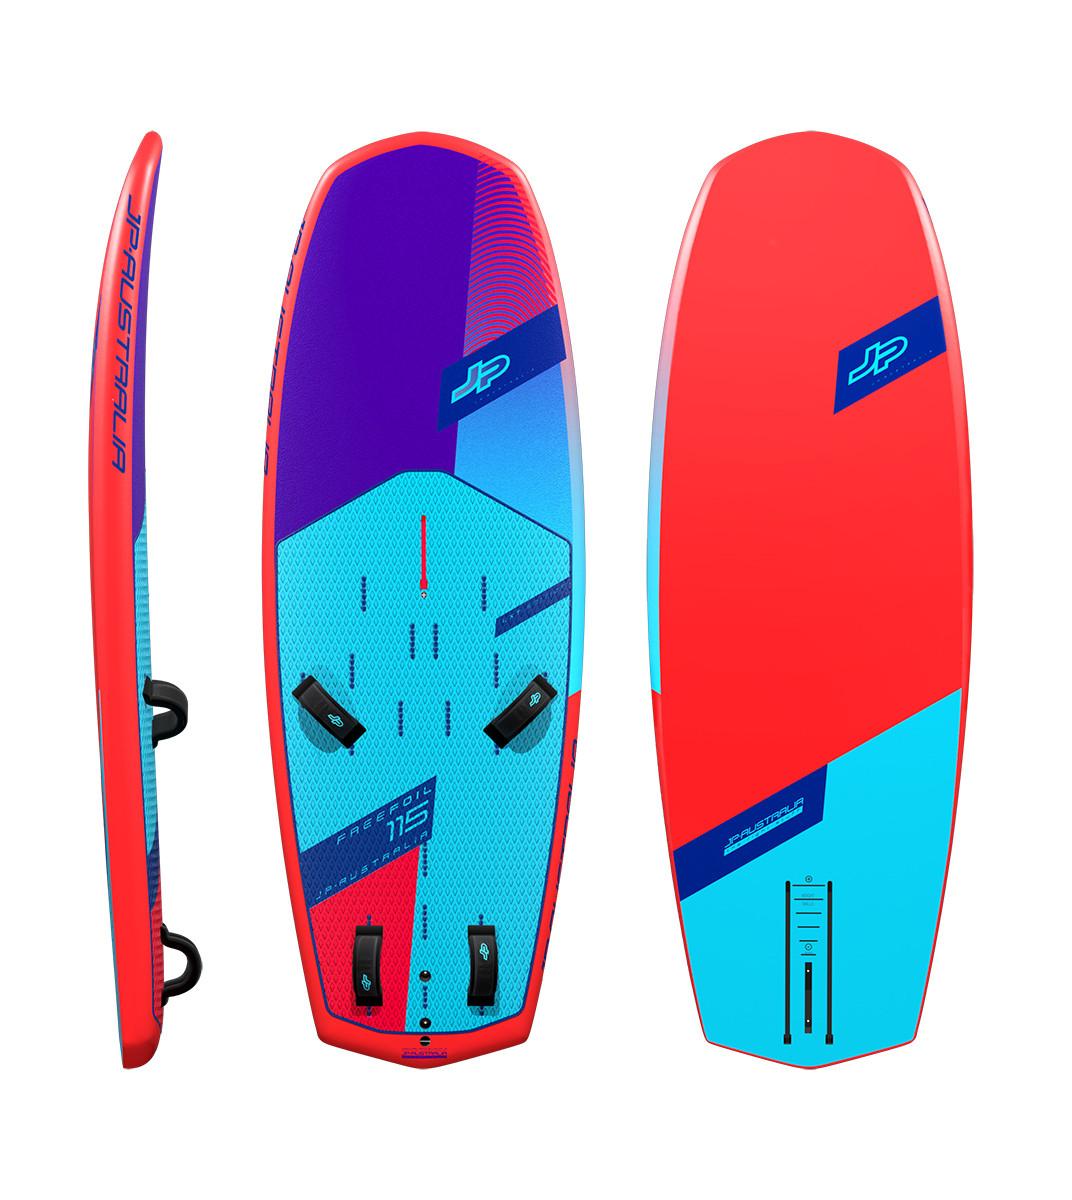 JP Australia Windsurfboard Freefoil LXT 2021